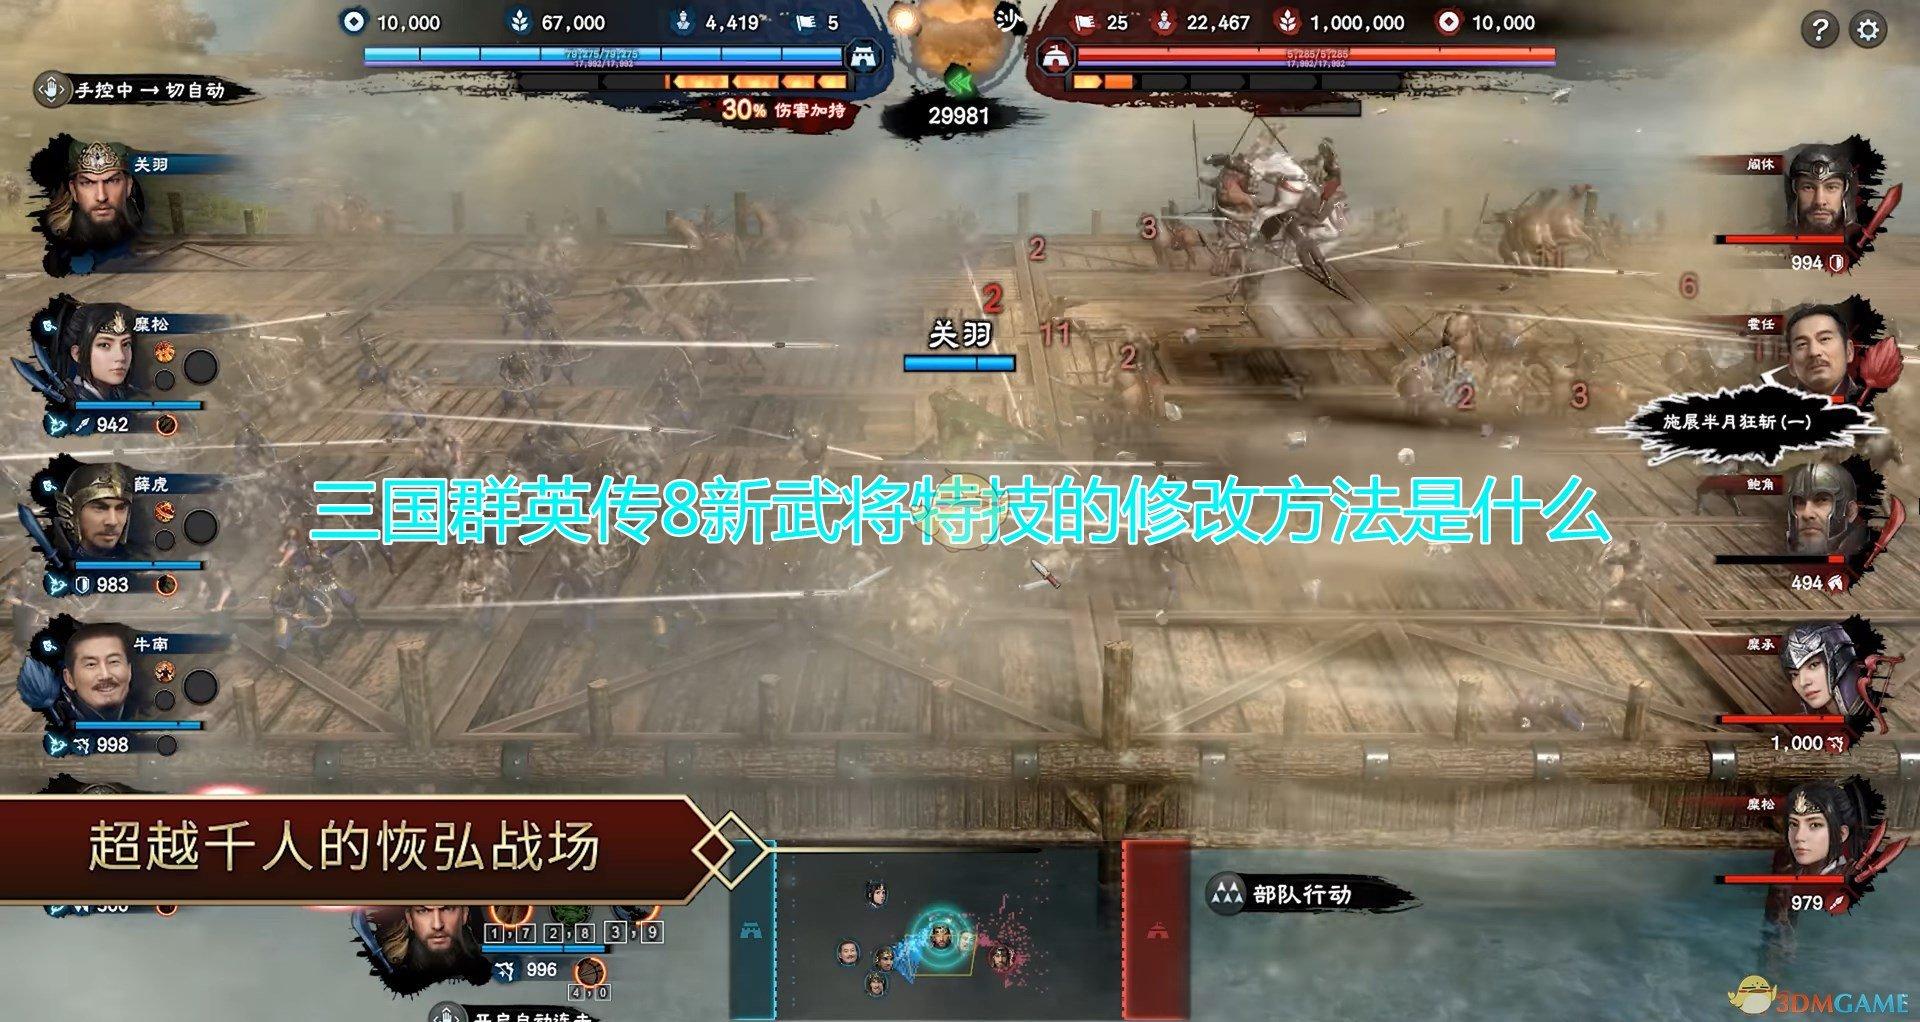 《三国群英传8》新武将特技修改方法介绍